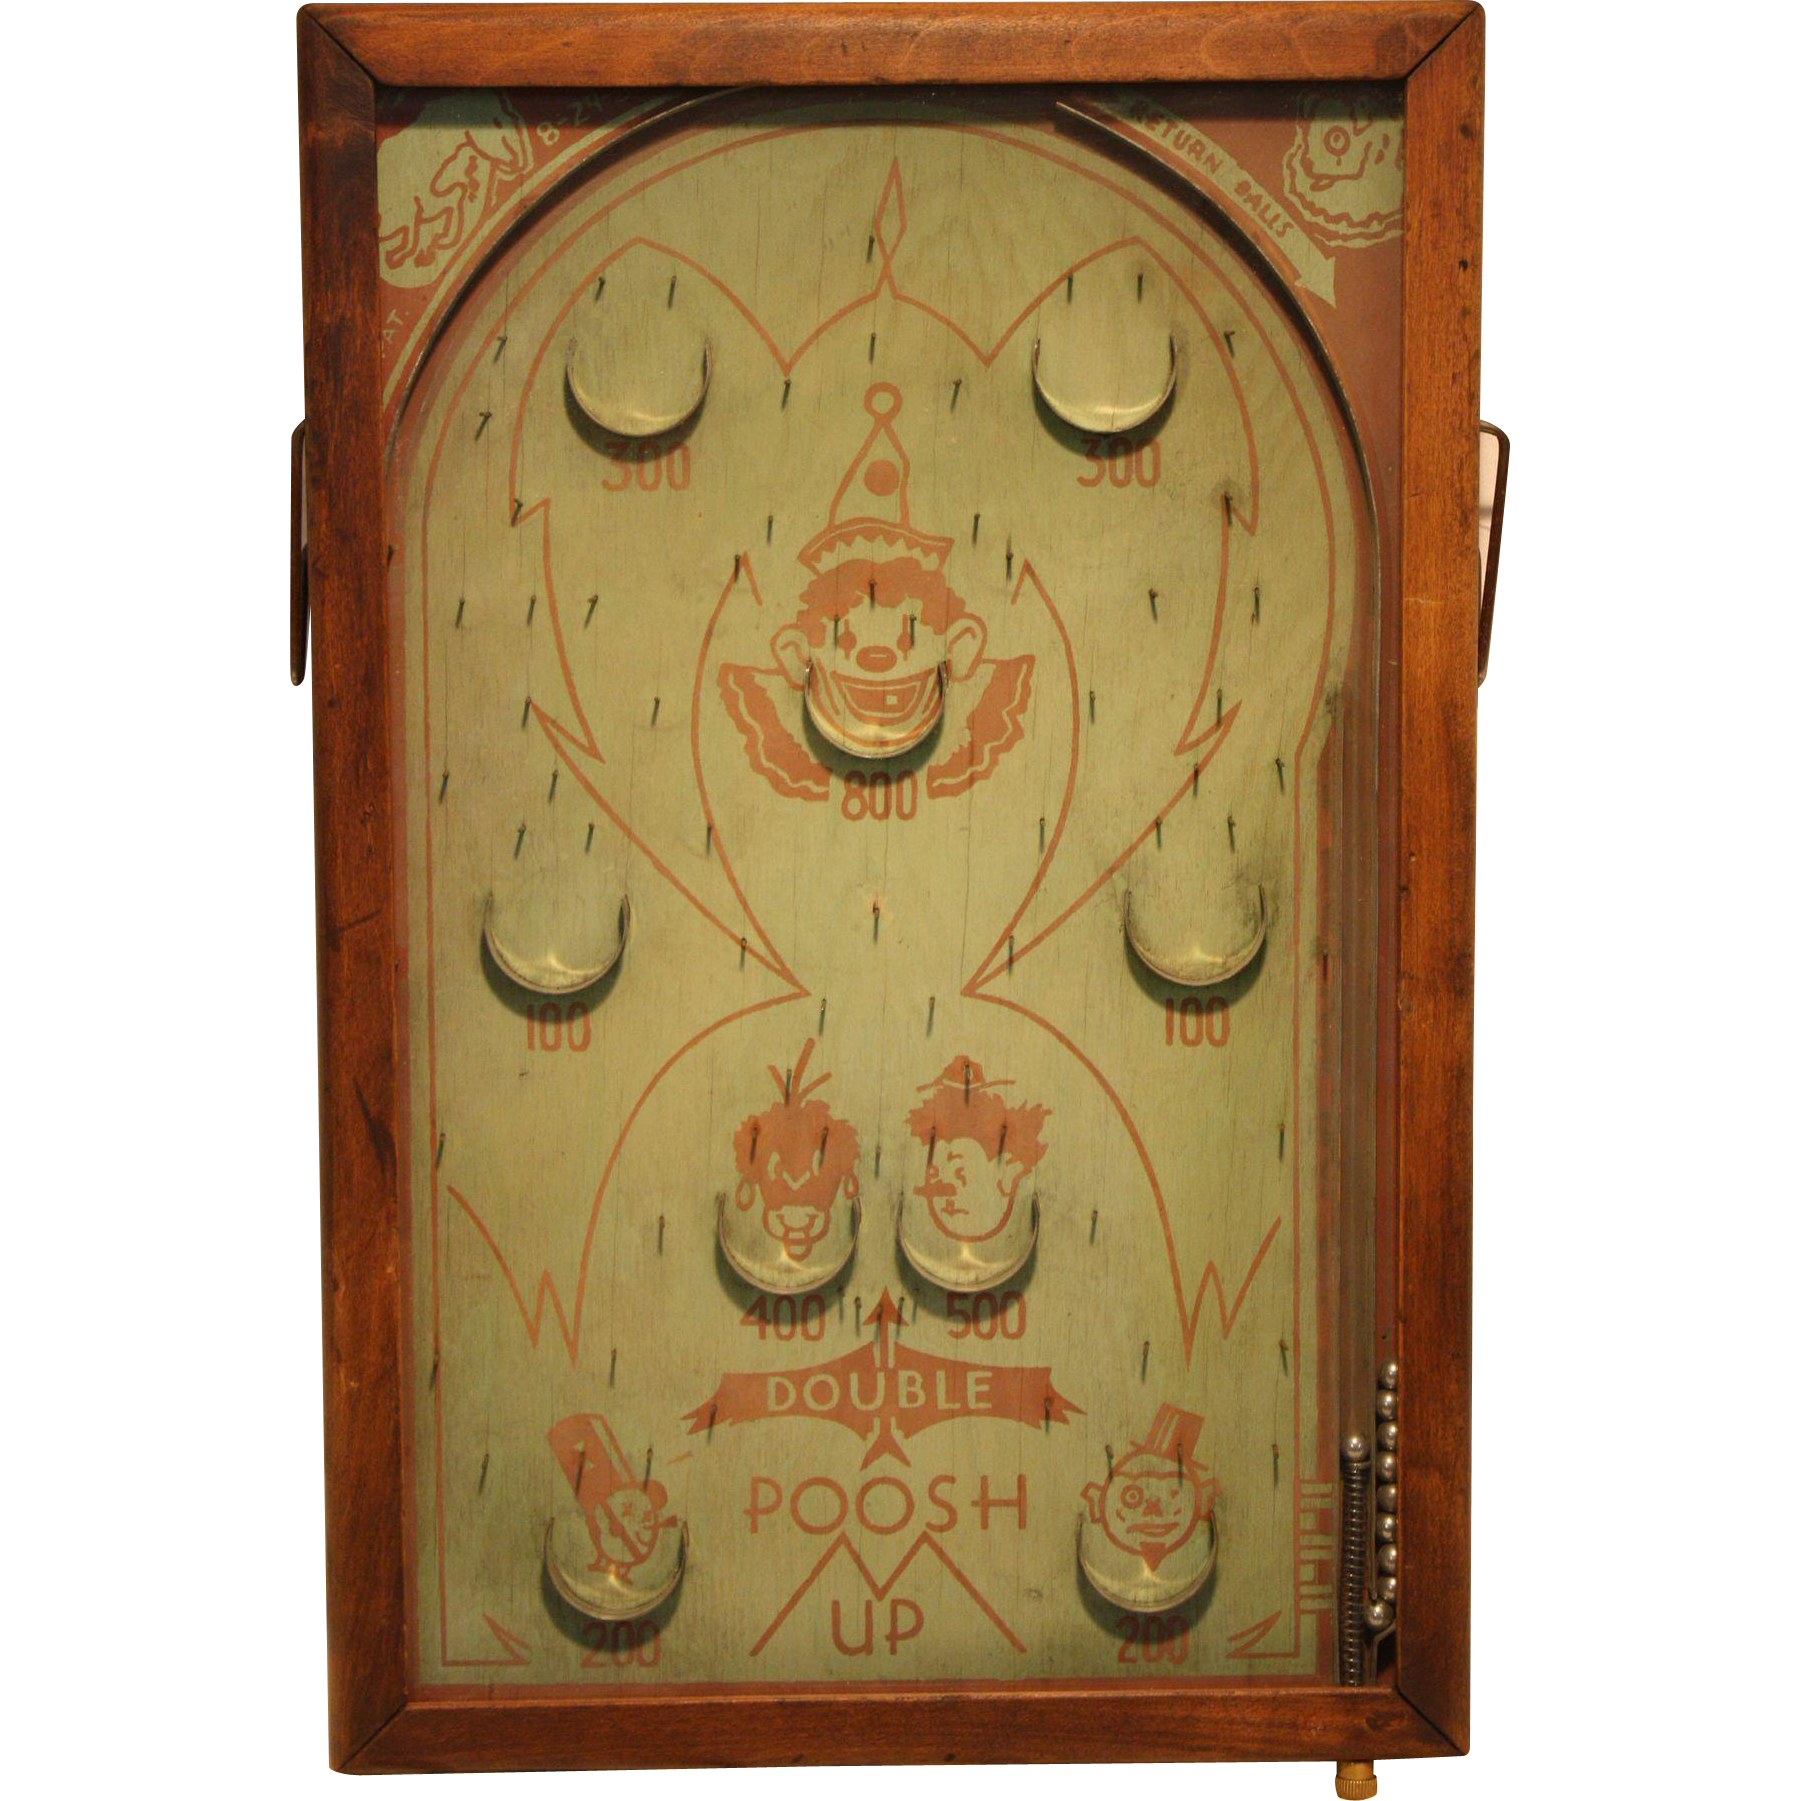 Vintage Bagatelle Pinball Game 1933   Poosh-M-Up